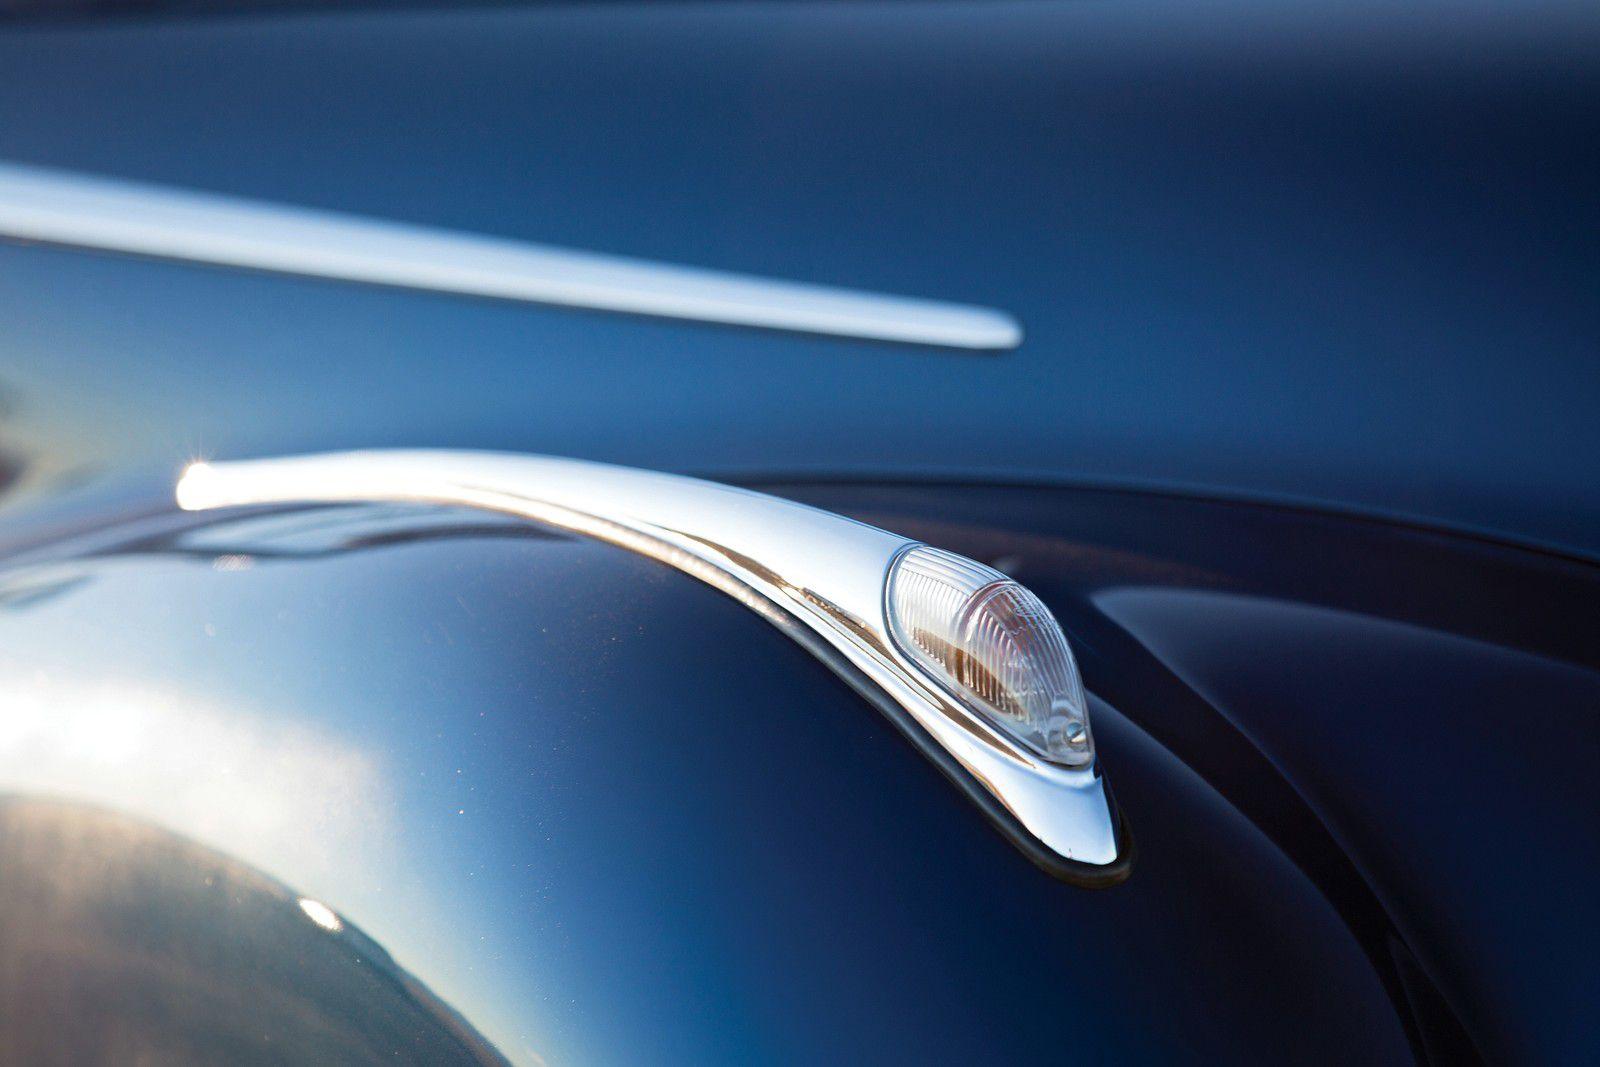 VOITURES DE LEGENDE (1116) : BMW  502 BAUR CABRIOLET - 1956